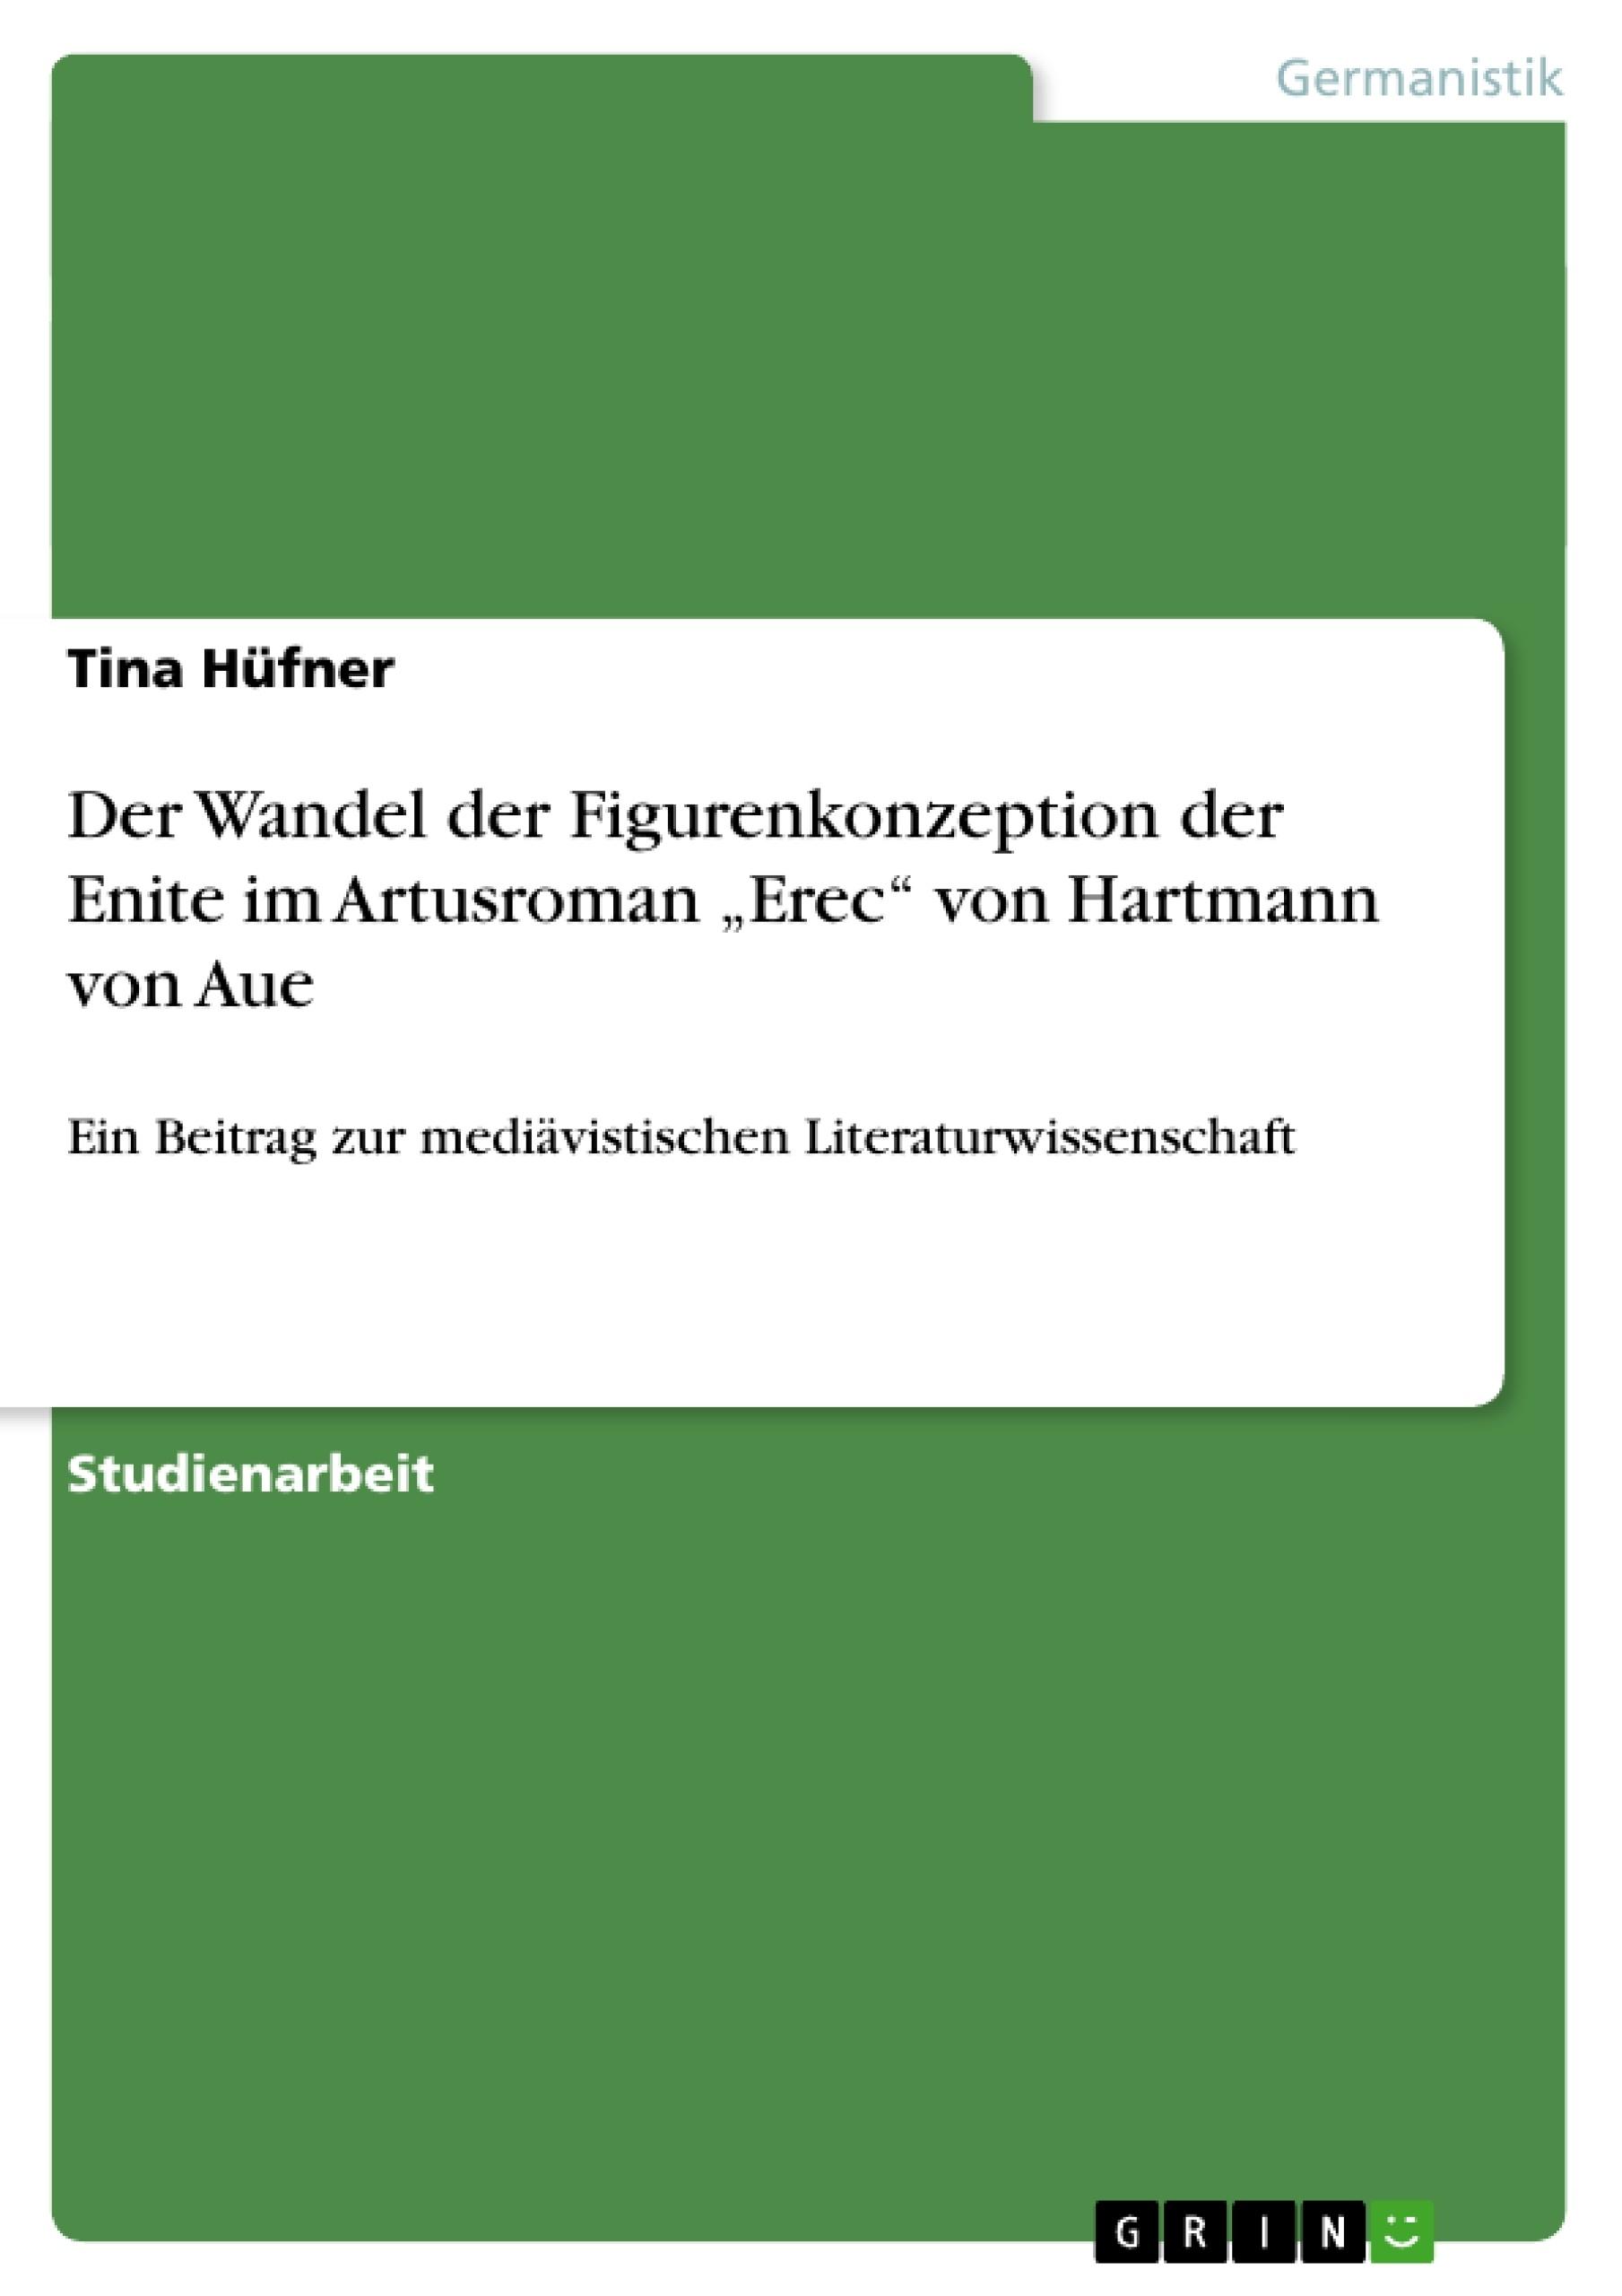 """Titel: Der Wandel der Figurenkonzeption der Enite im Artusroman """"Erec"""" von Hartmann von Aue"""